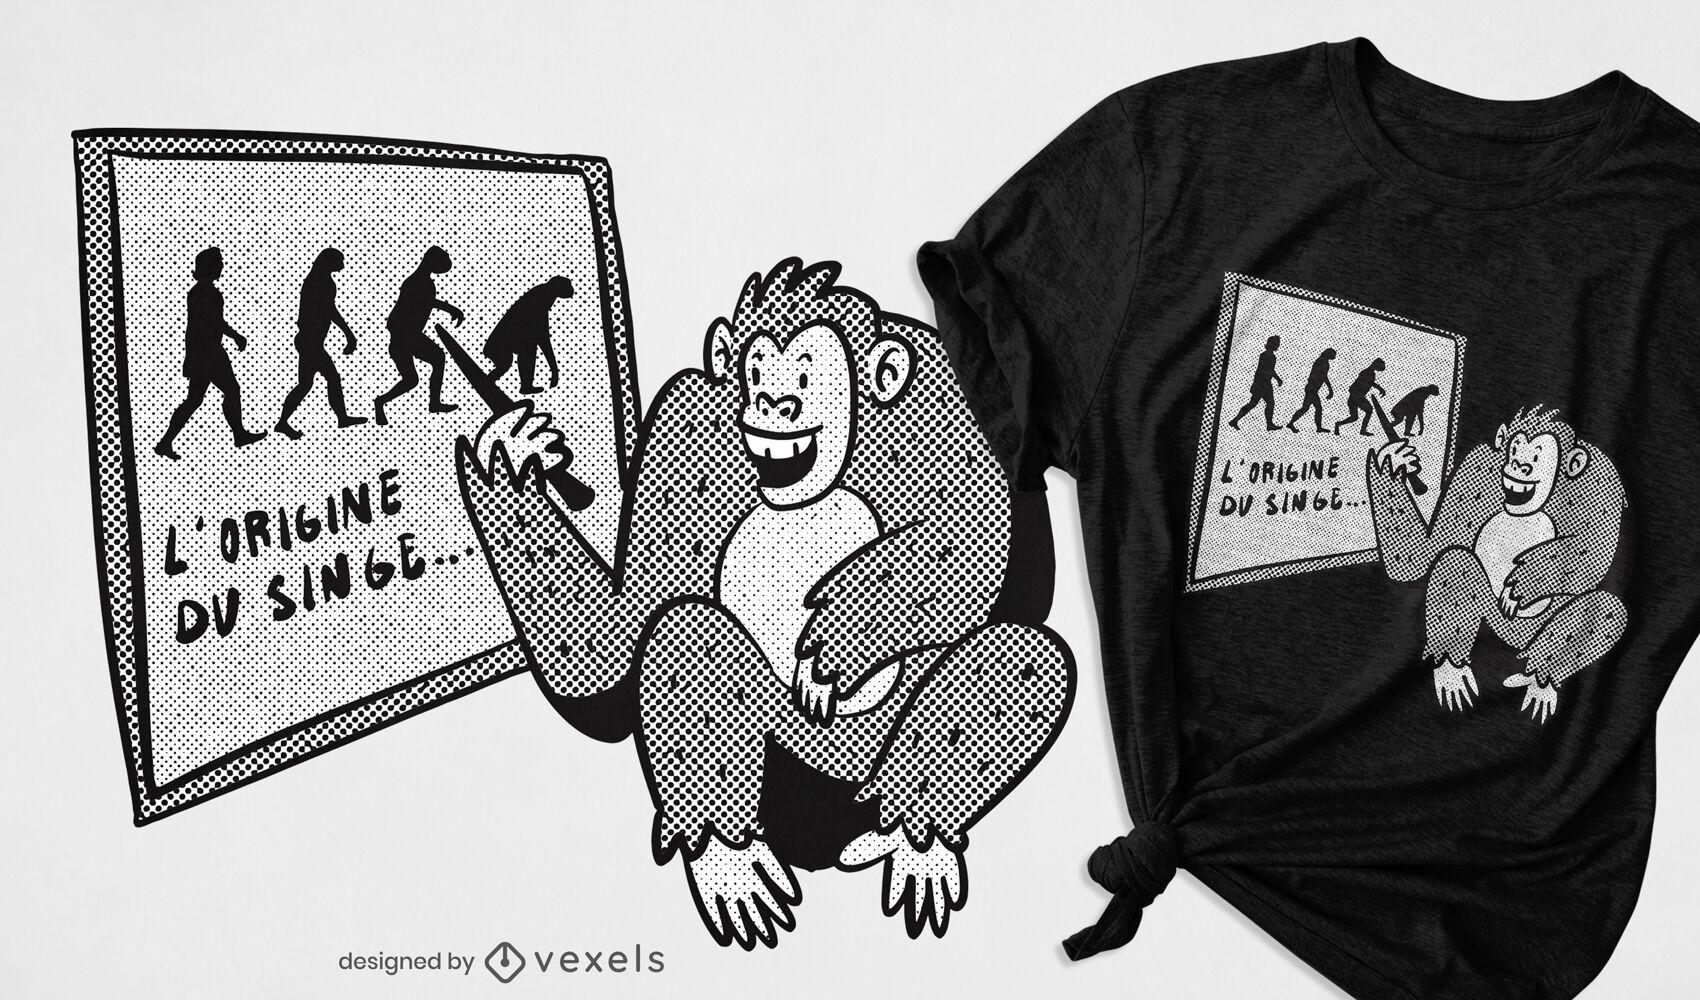 Gráfico de evolução do macaco design de camiseta para sala de aula